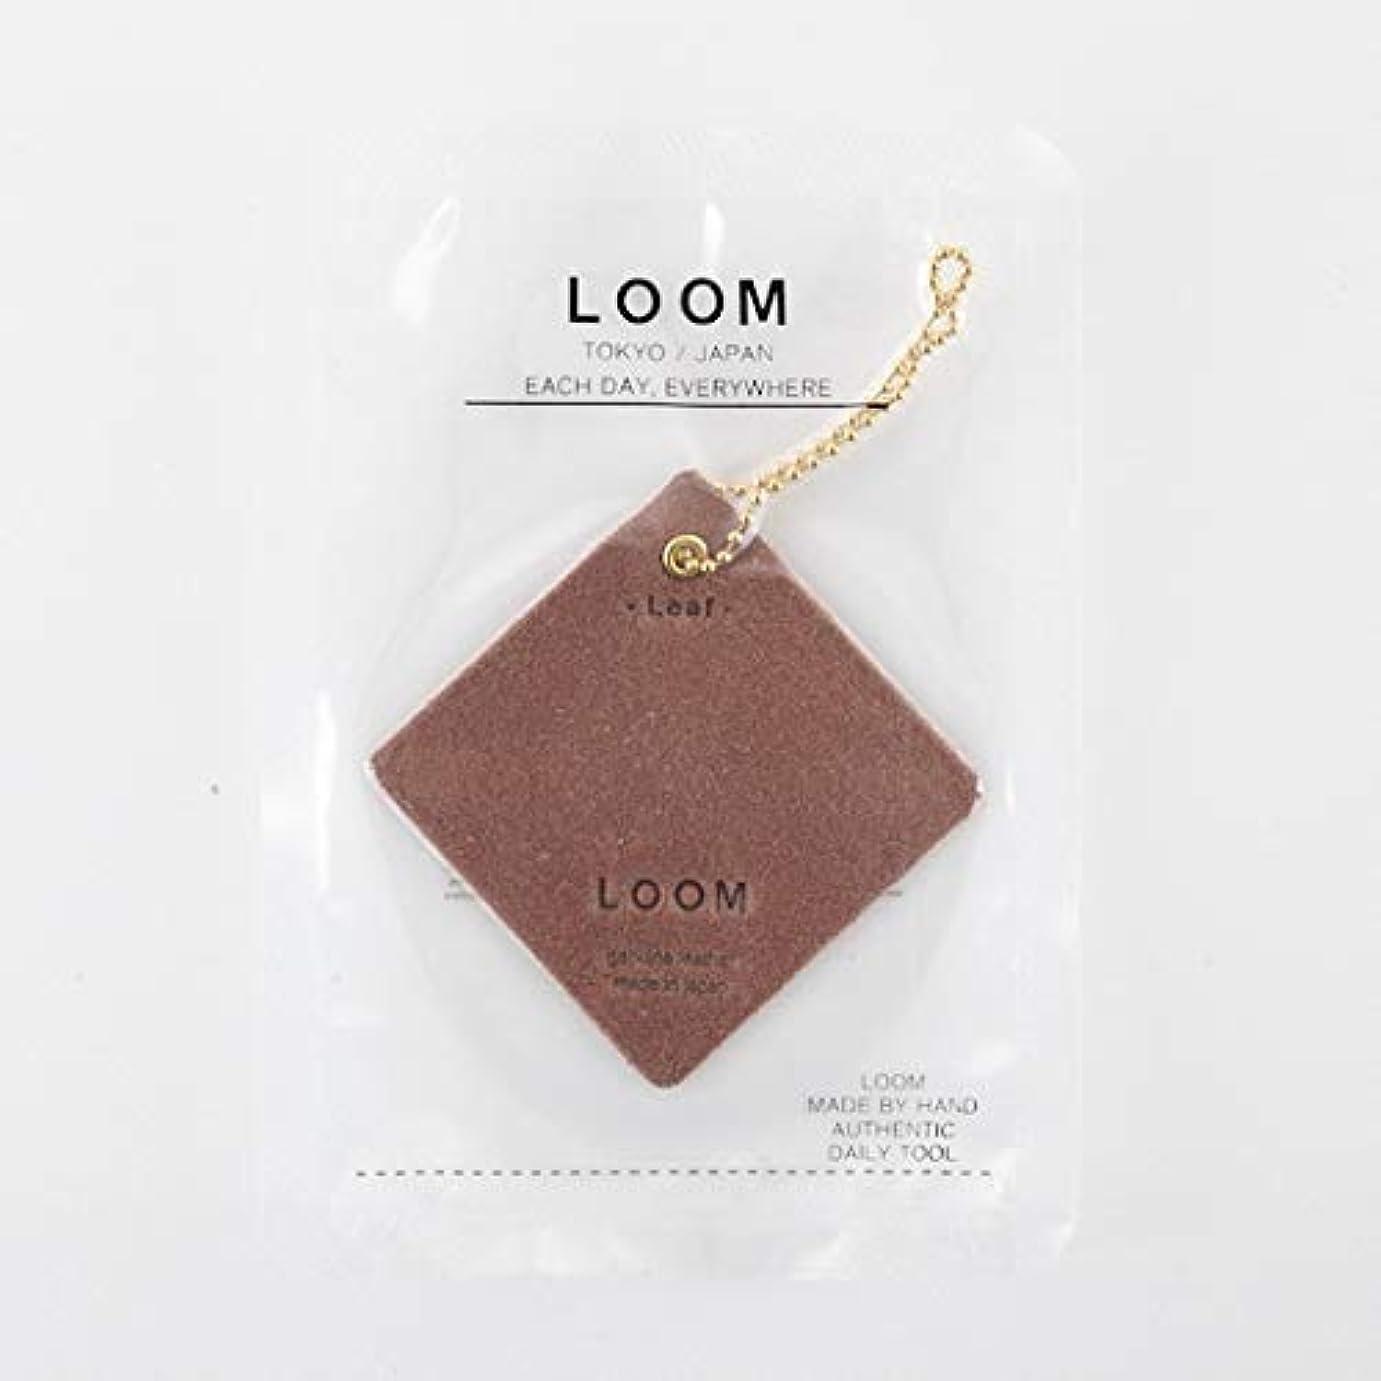 見せますやるクラッチ[LOOM] フレグランスレザータグ (エア フレッシュナー) LEAF